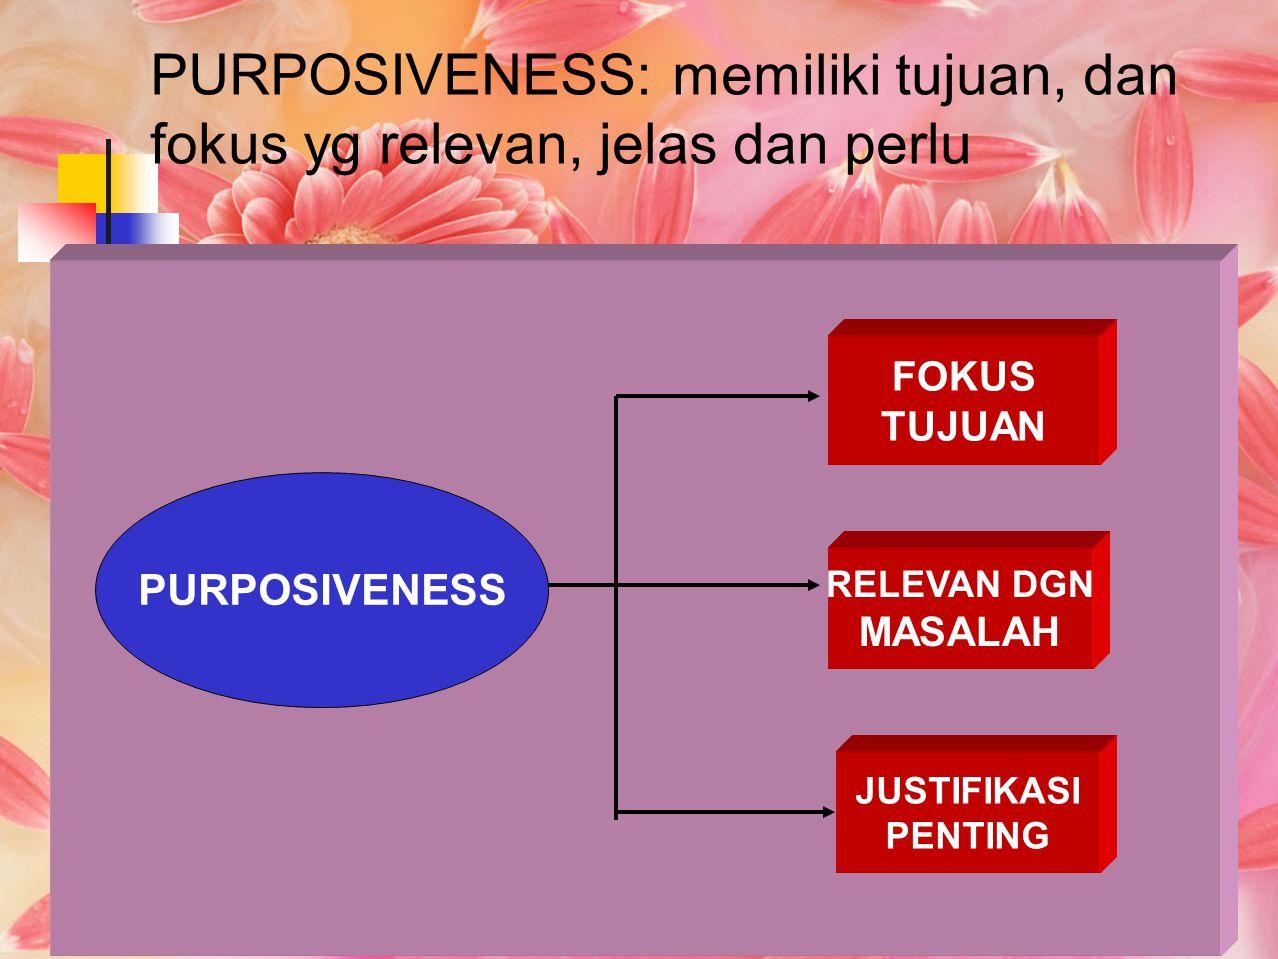 PURPOSIVENESS: memiliki tujuan, dan fokus yg relevan, jelas dan perlu PURPOSIVENESS FOKUS TUJUAN RELEVAN DGN MASALAH JUSTIFIKASI PENTING